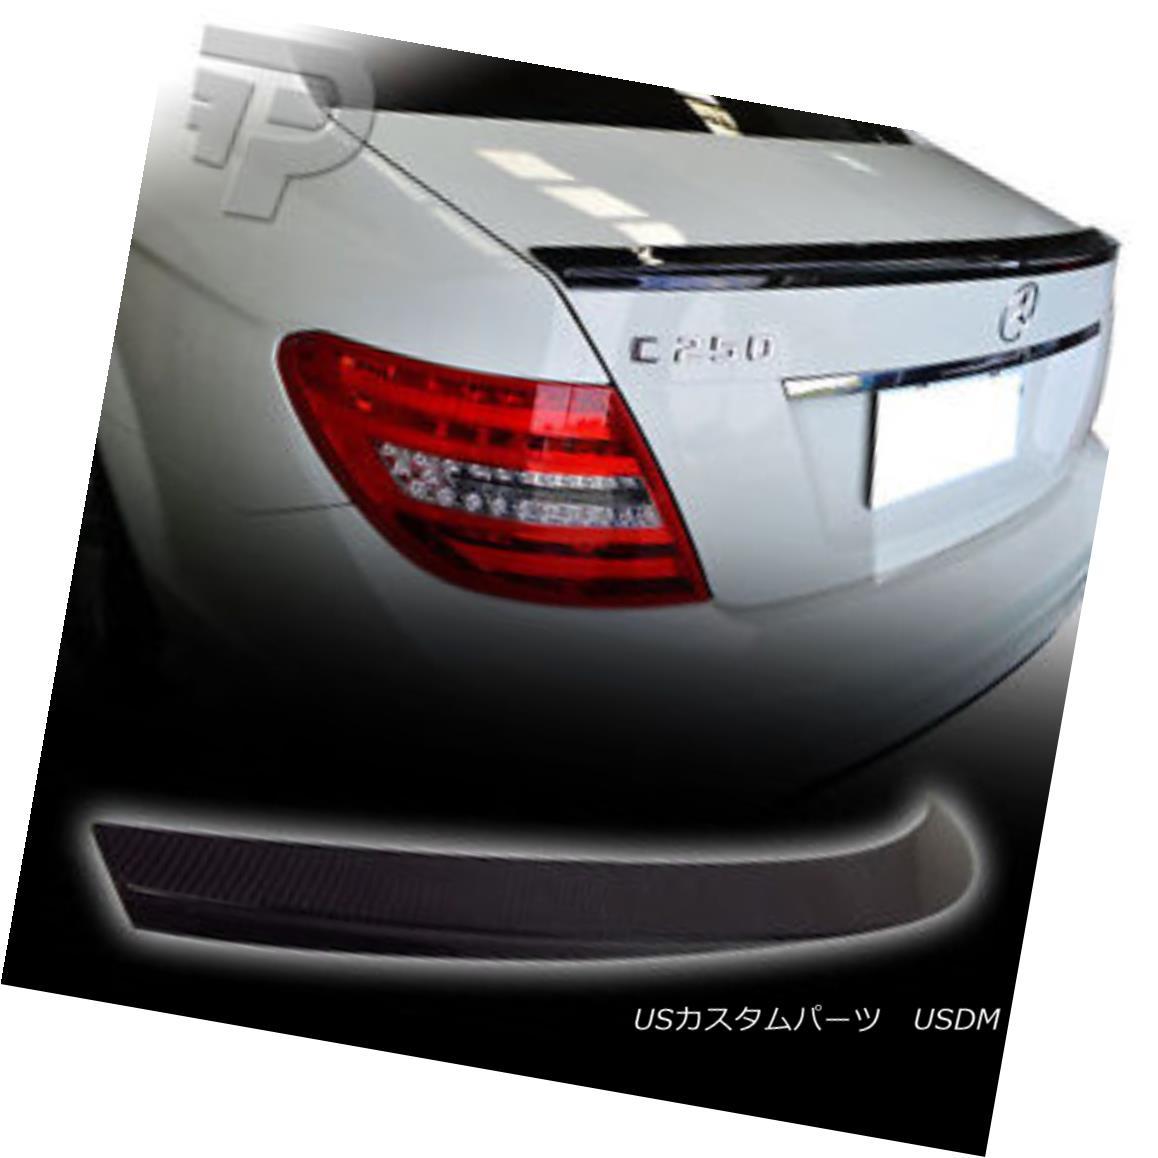 エアロパーツ SPOILER CARBON FIBER Mercedes BOOT C300 BENZ W204 D TYPE BOOT SPOILER TRUNK C300 C63 C200 ▼ カーボンファイバーメルセデスベンツW204 DタイプブーツスポイラートランクC300 C63 C200?, デジタルセブン:c832431e --- sunward.msk.ru